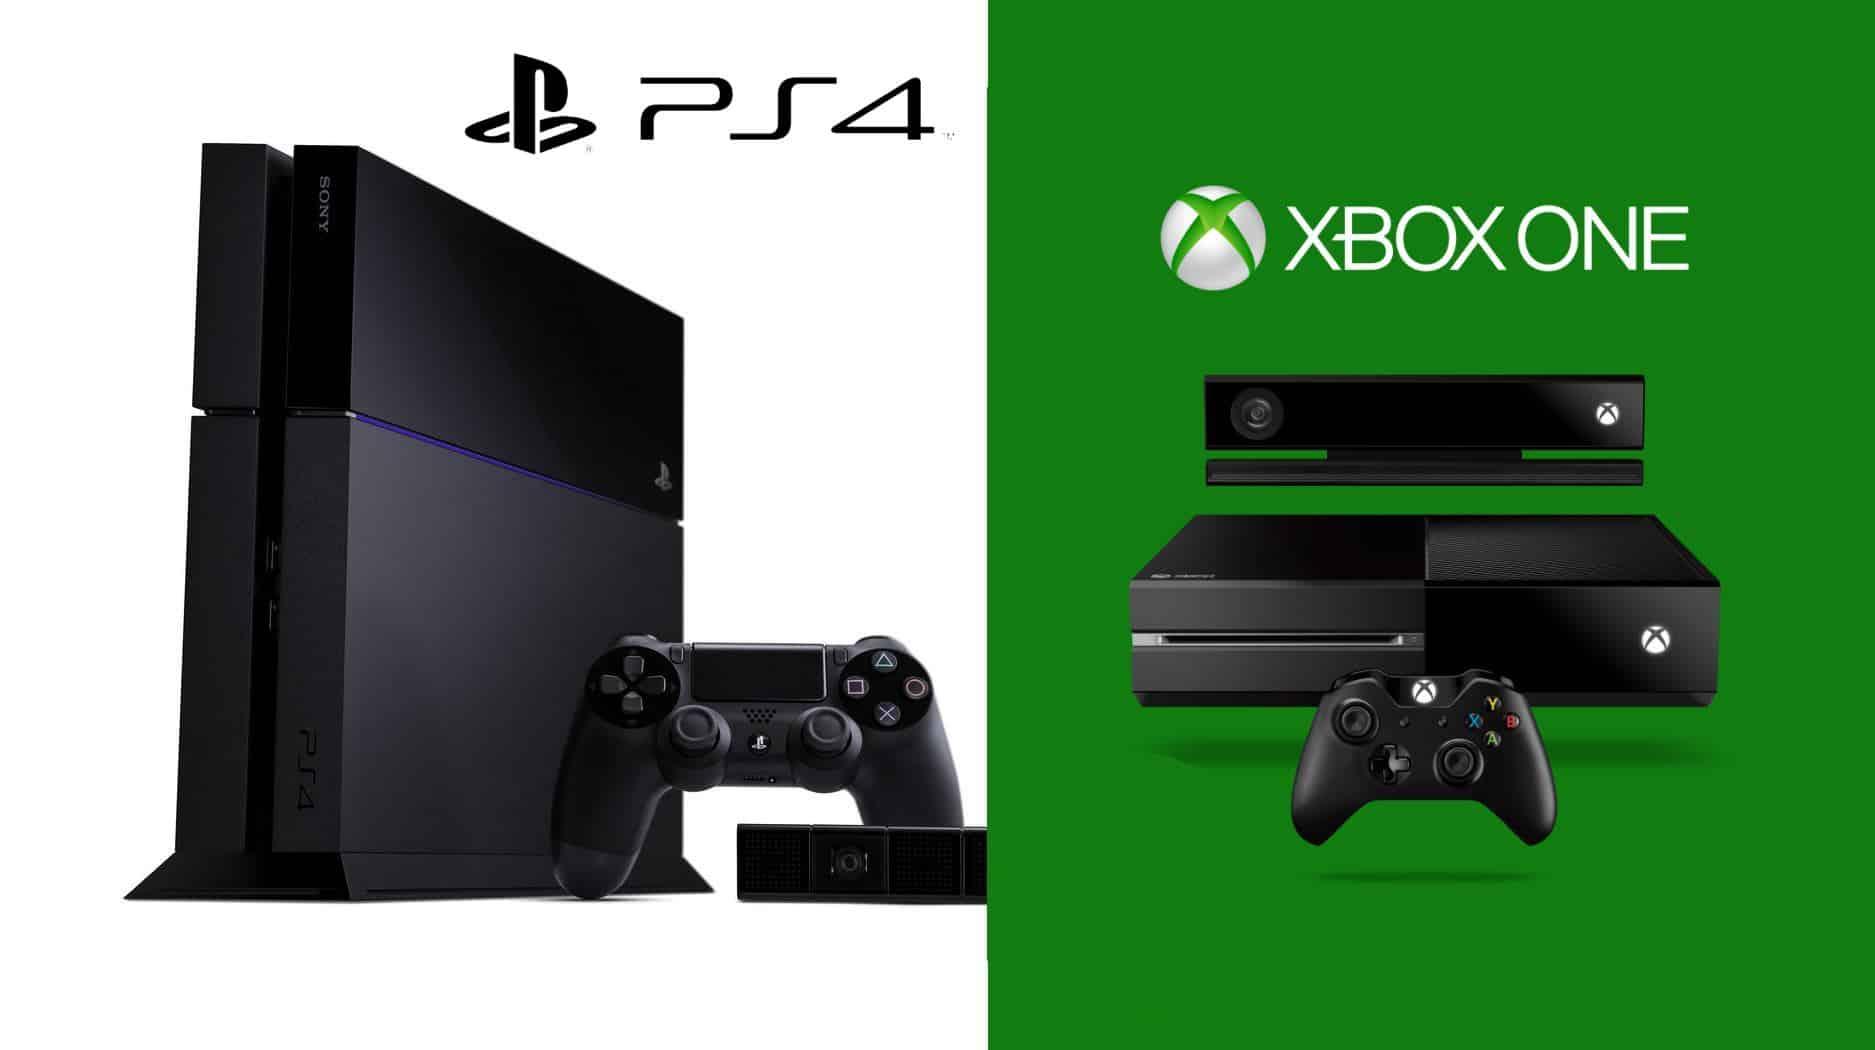 Consolas de última generación como la PS4 y Xbox One demuestran tener un gran consumo de electricidad.